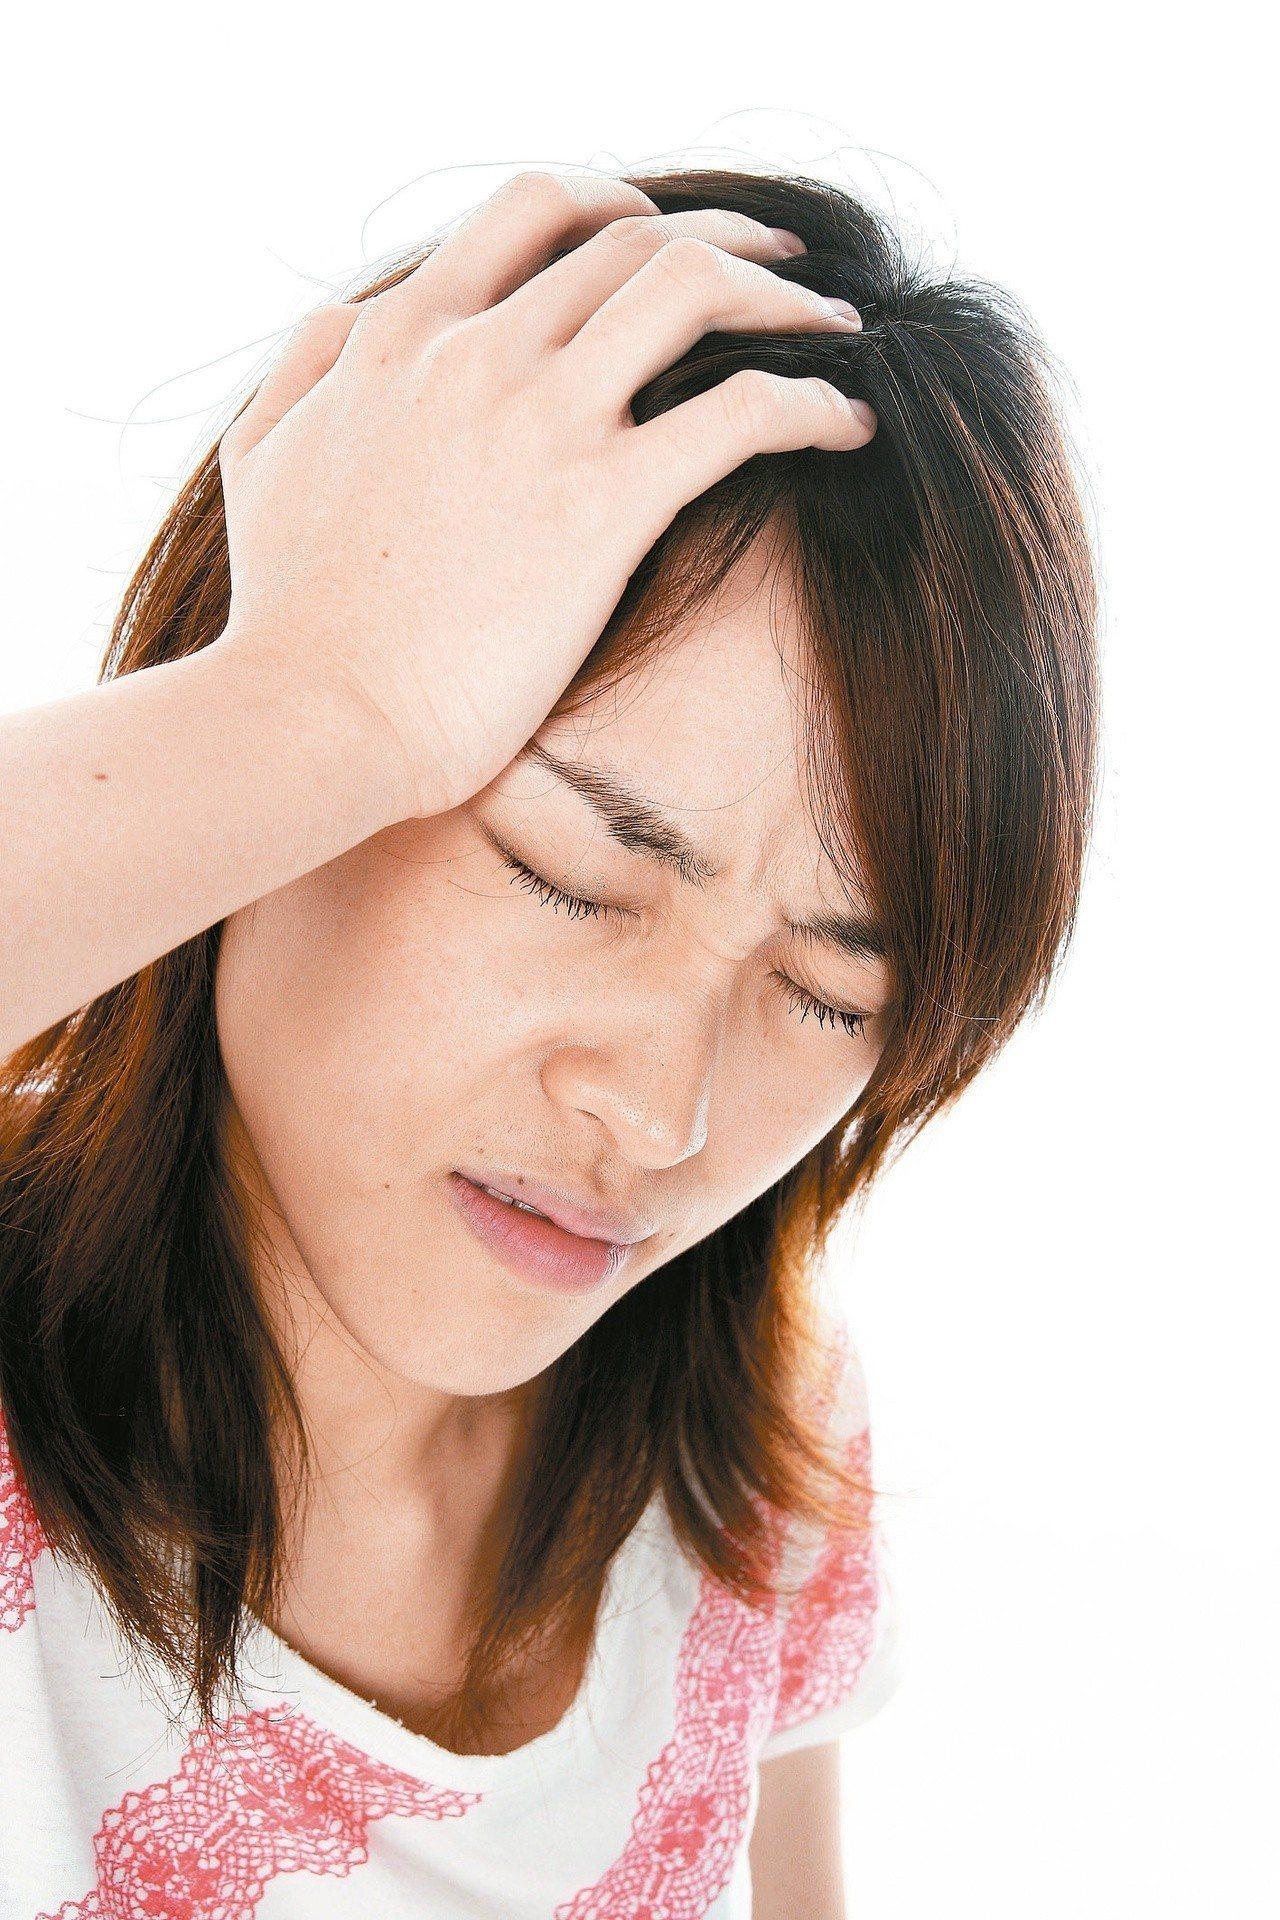 許多疾病都可能造成頭暈,通常多為輕症,當頭暈症狀出現時,建議民眾可先「自救」,釐...